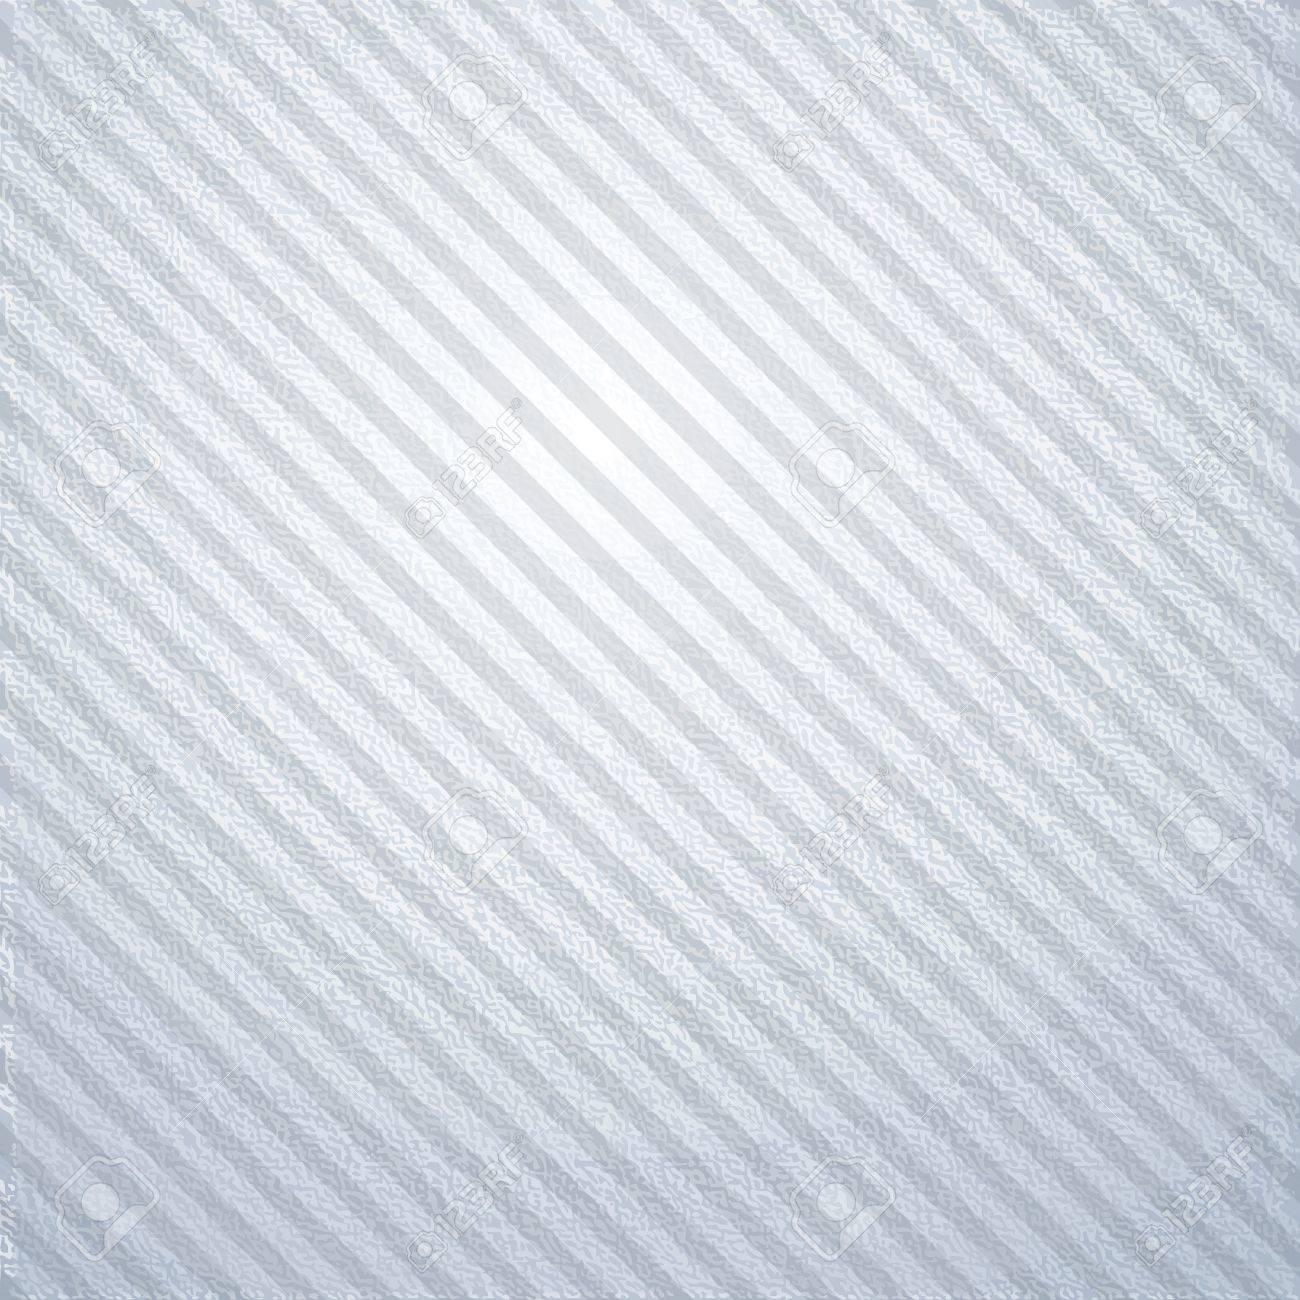 Abstract background, metallic brochure Stock Vector - 21074445